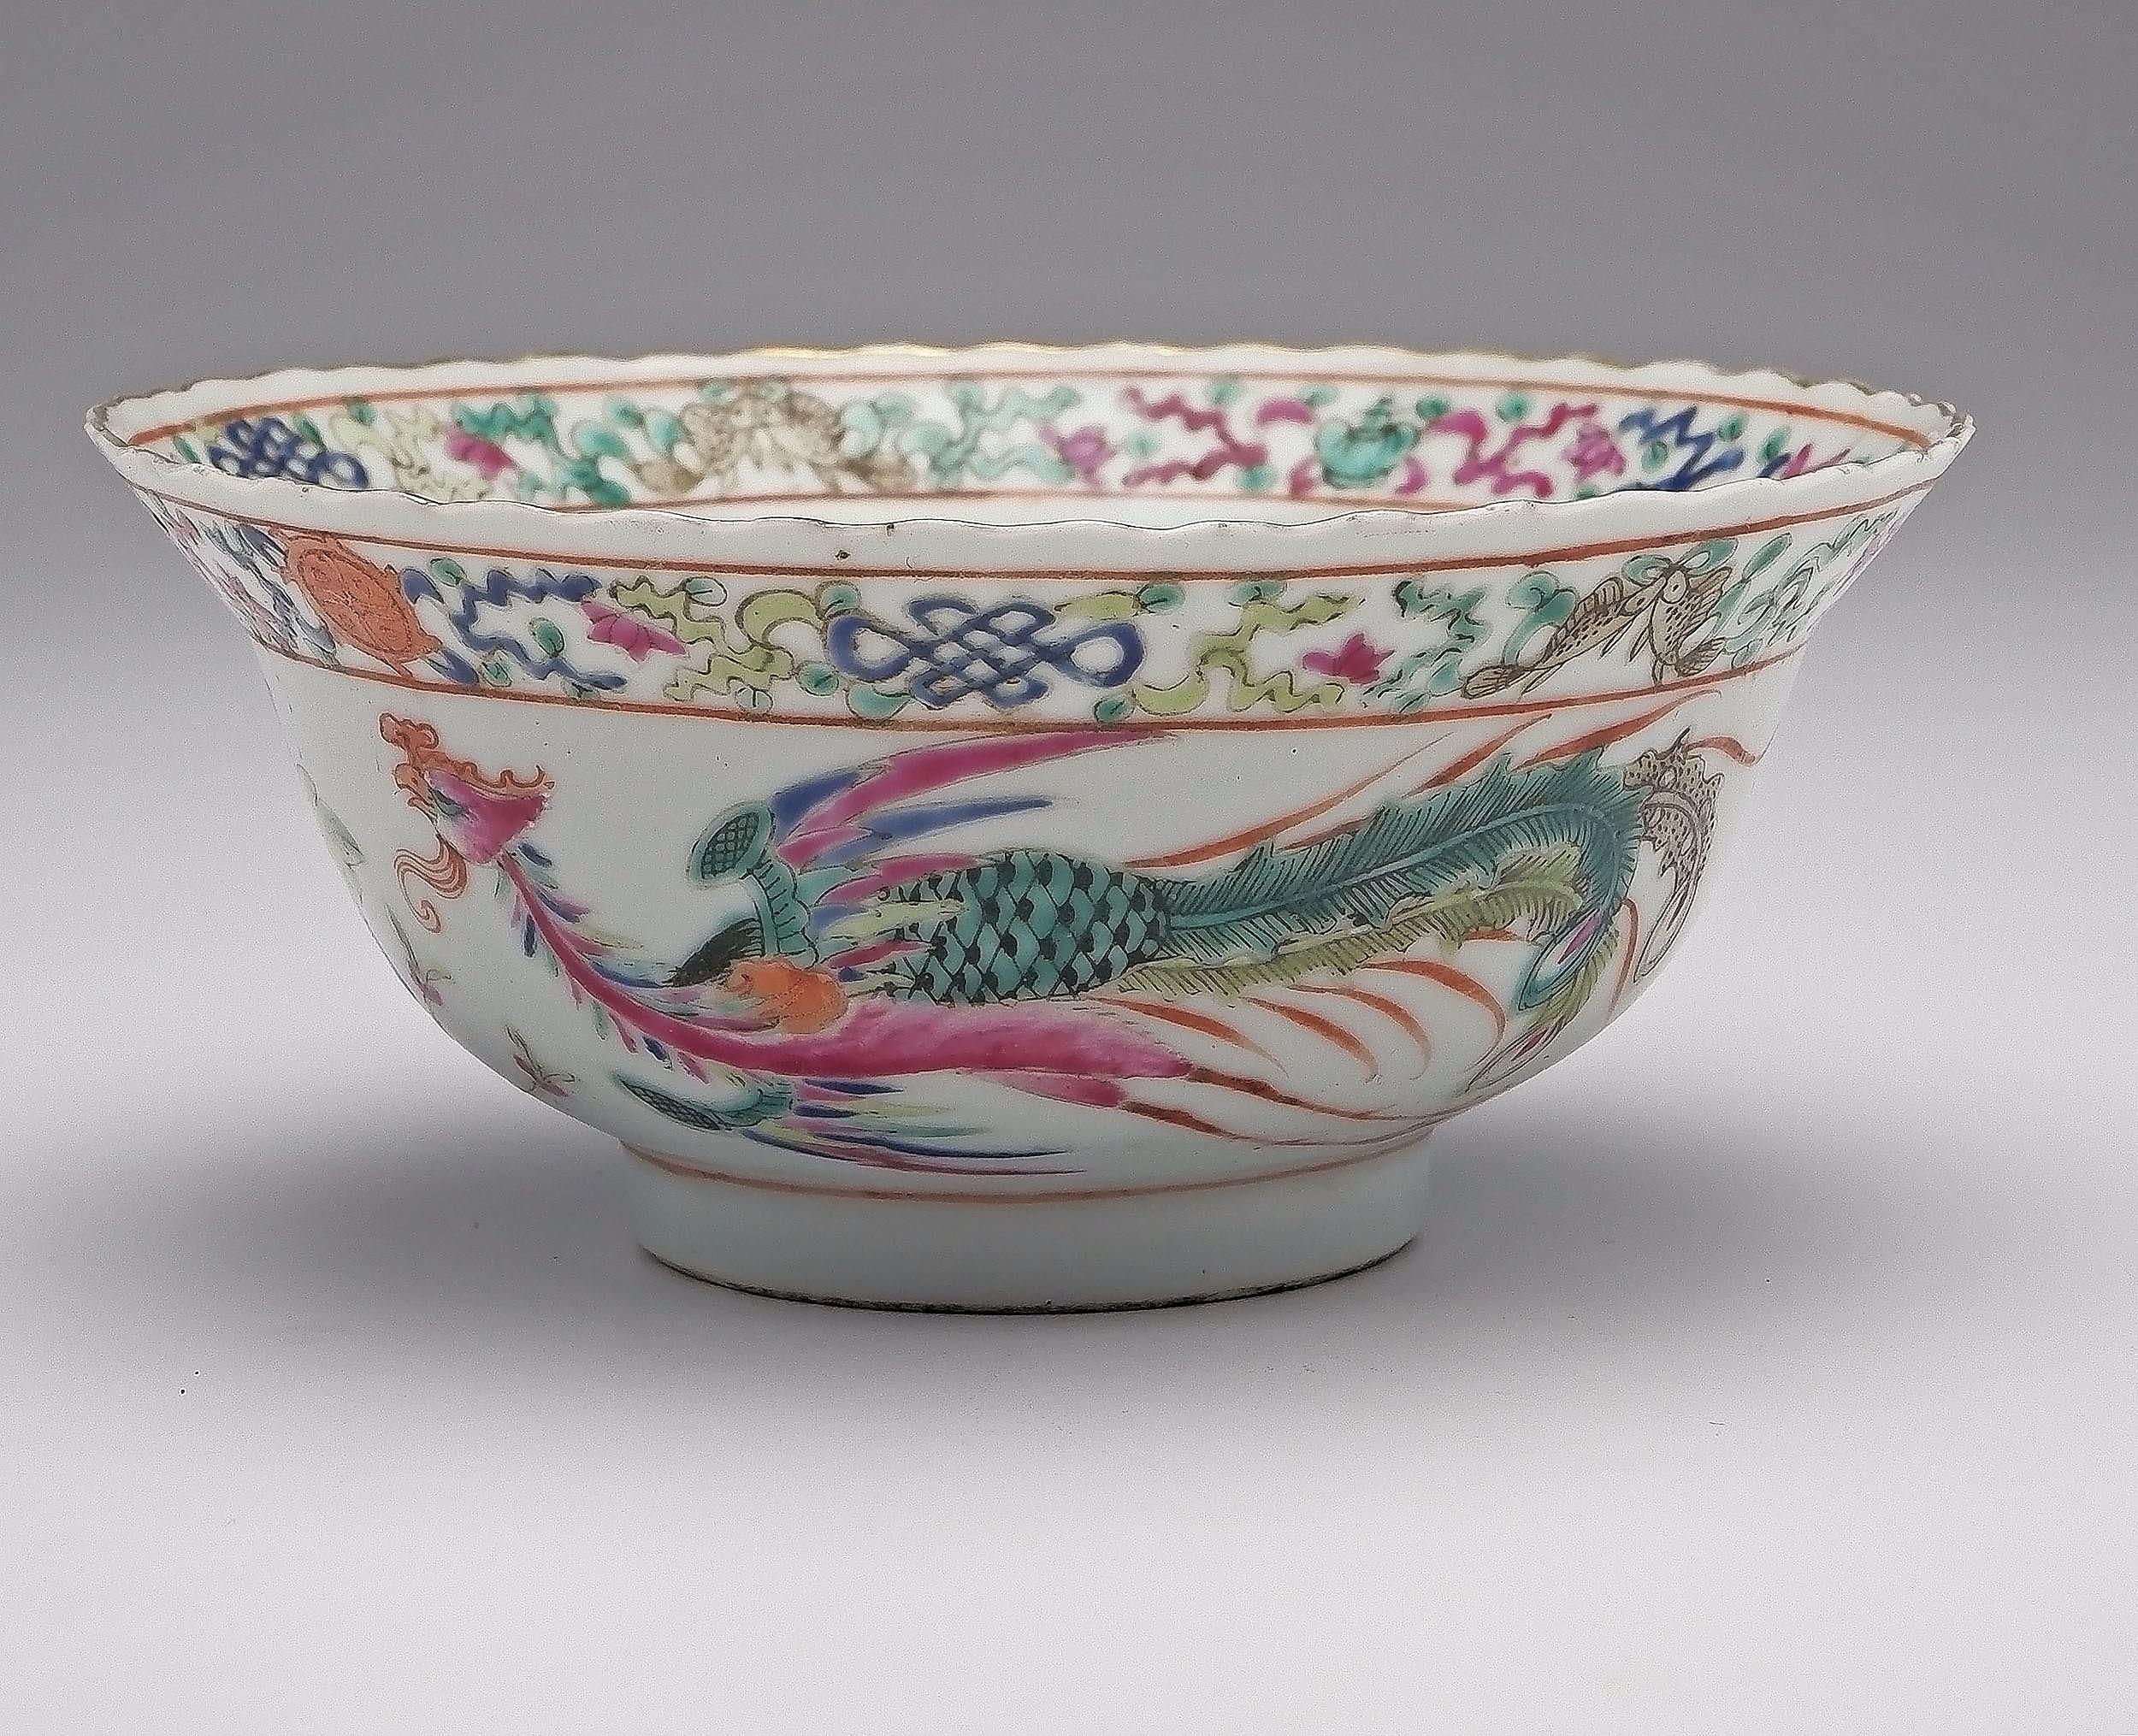 'Straits Chinese Nyonya Peranakan Famille Rose Bowl, Late 19th Century'